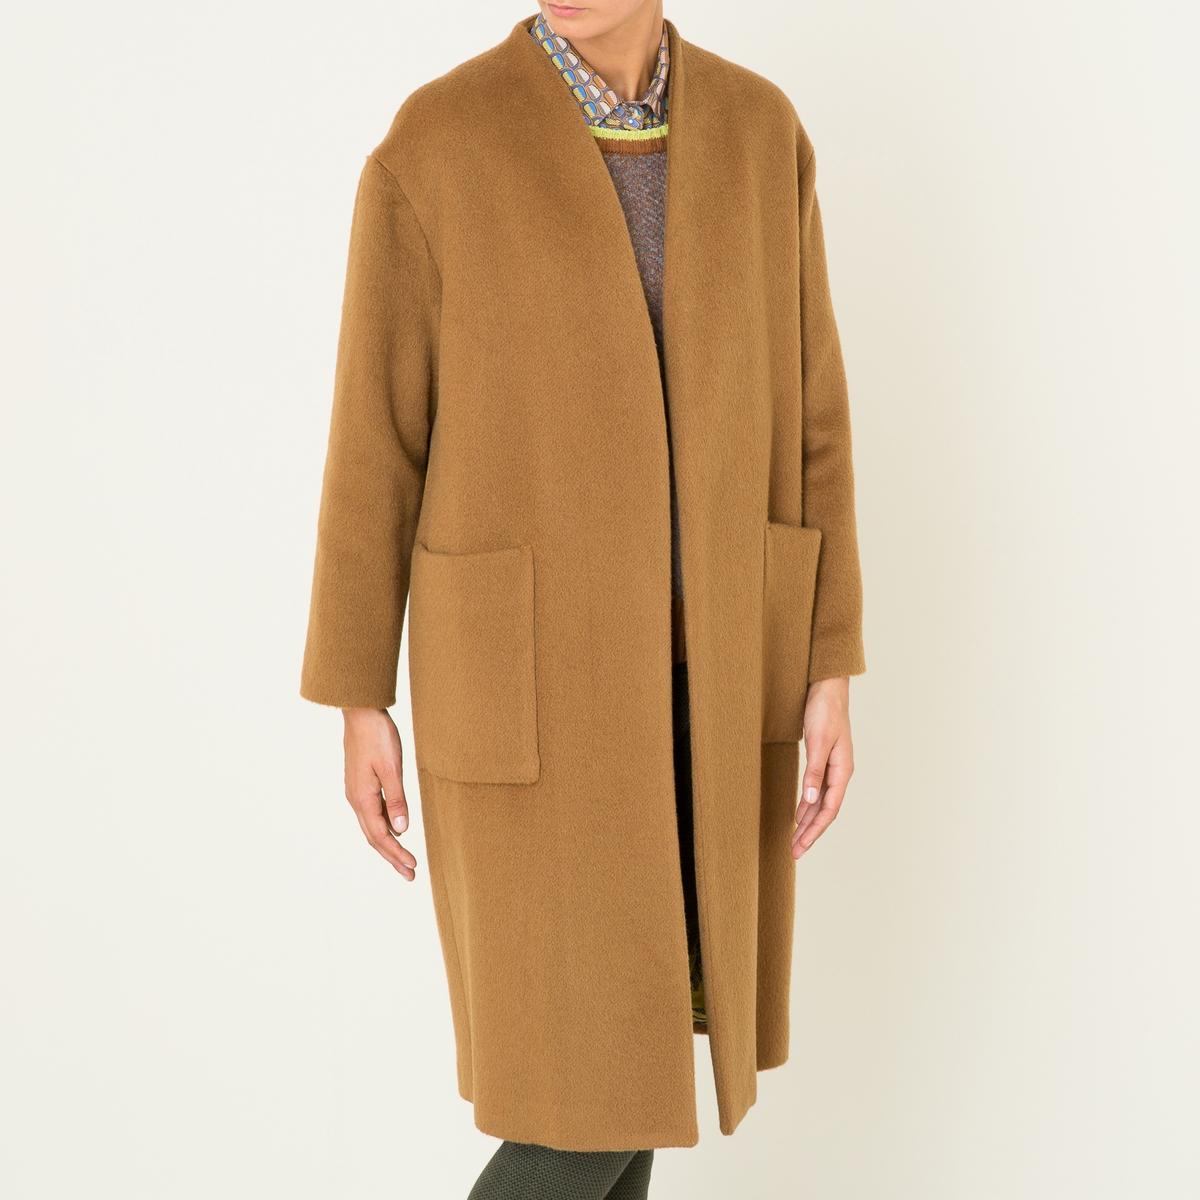 Пальто длинноеДлинное пальто NIU - без застежки, без воротника, из шерстяного драпа. Без застежки, без воротника, V-образный вырез. Длинные подворачивающиеся рукава с подкладкой контрастного цвета. 2 больших накладных кармана спереди. Подкладка со сплошным рисунком.Состав и описание Материал : 50% мохера, 32% необработанной шерсти, 18% полиамидаМарка : NIU<br><br>Цвет: темно-бежевый